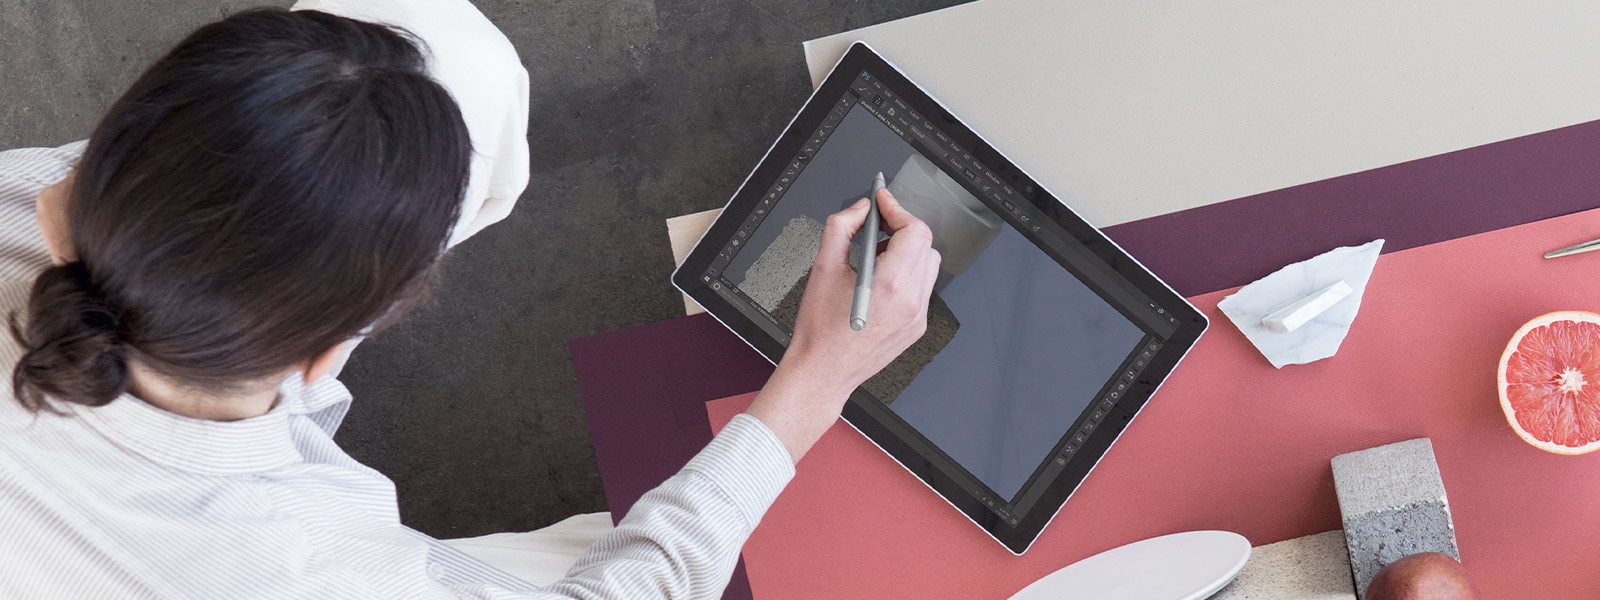 Osoba używająca pióra Surface Pen na urządzeniu Surface.